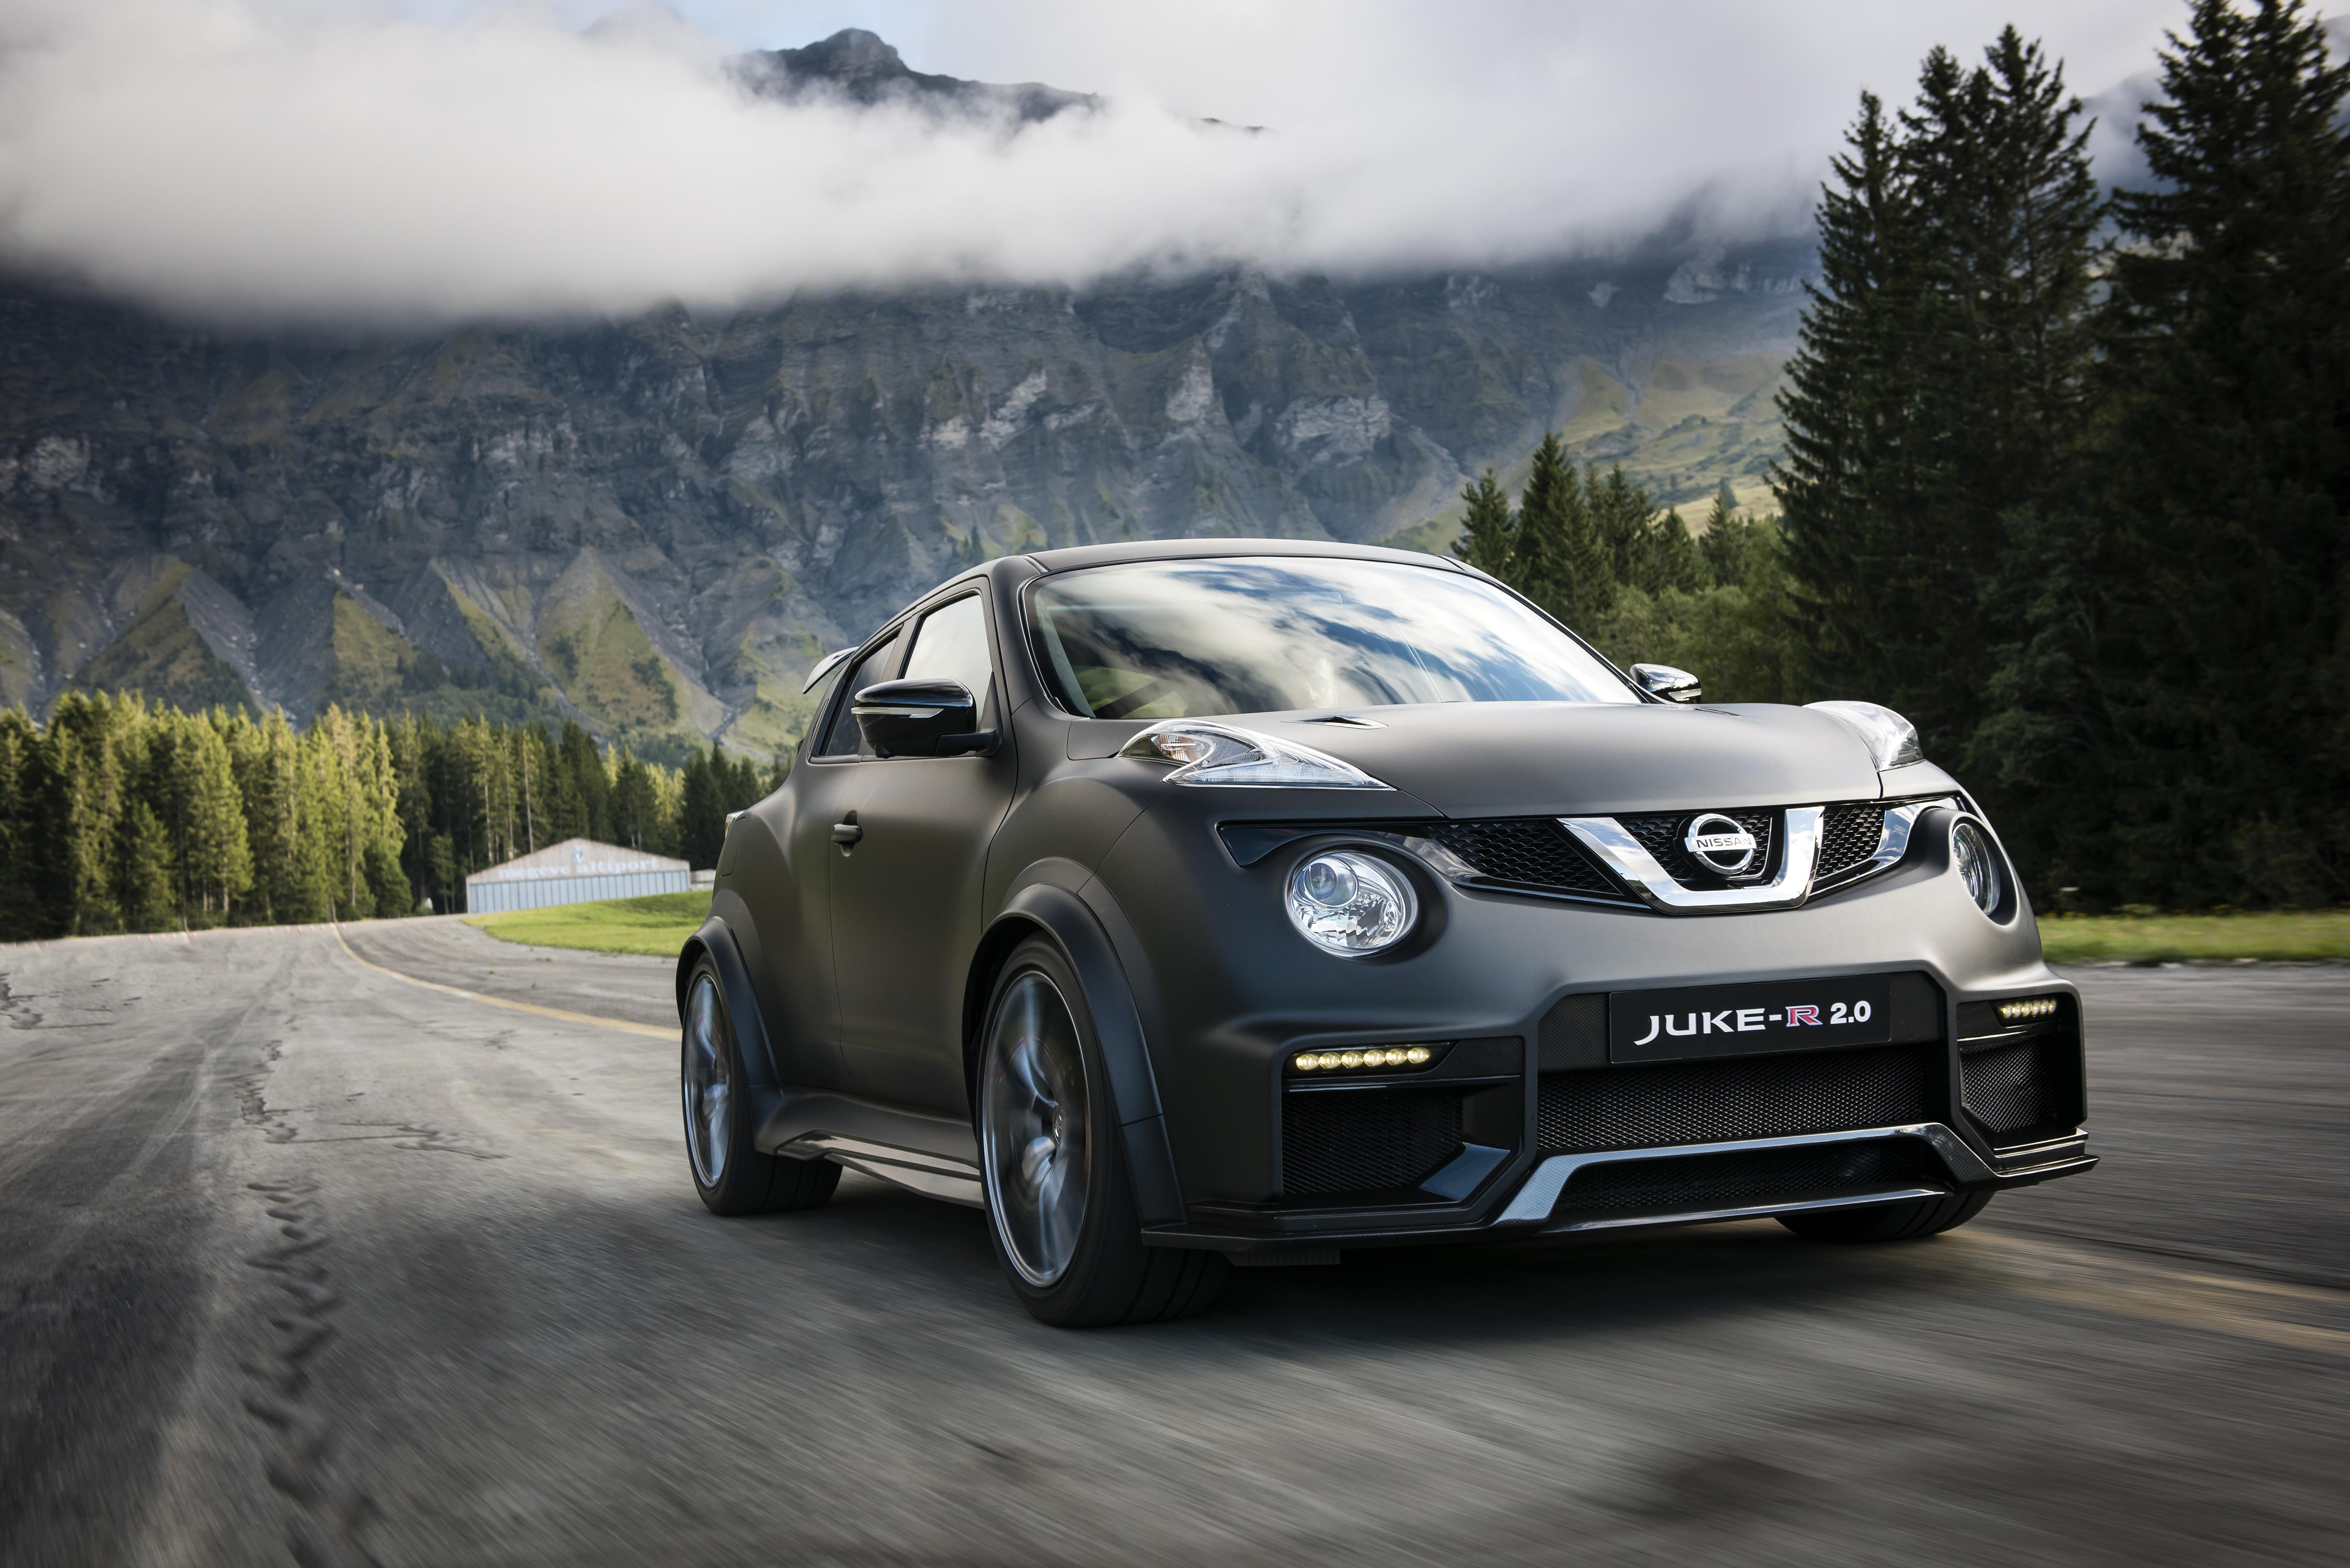 Nissan-Juke-R-2-0-Megeve-13